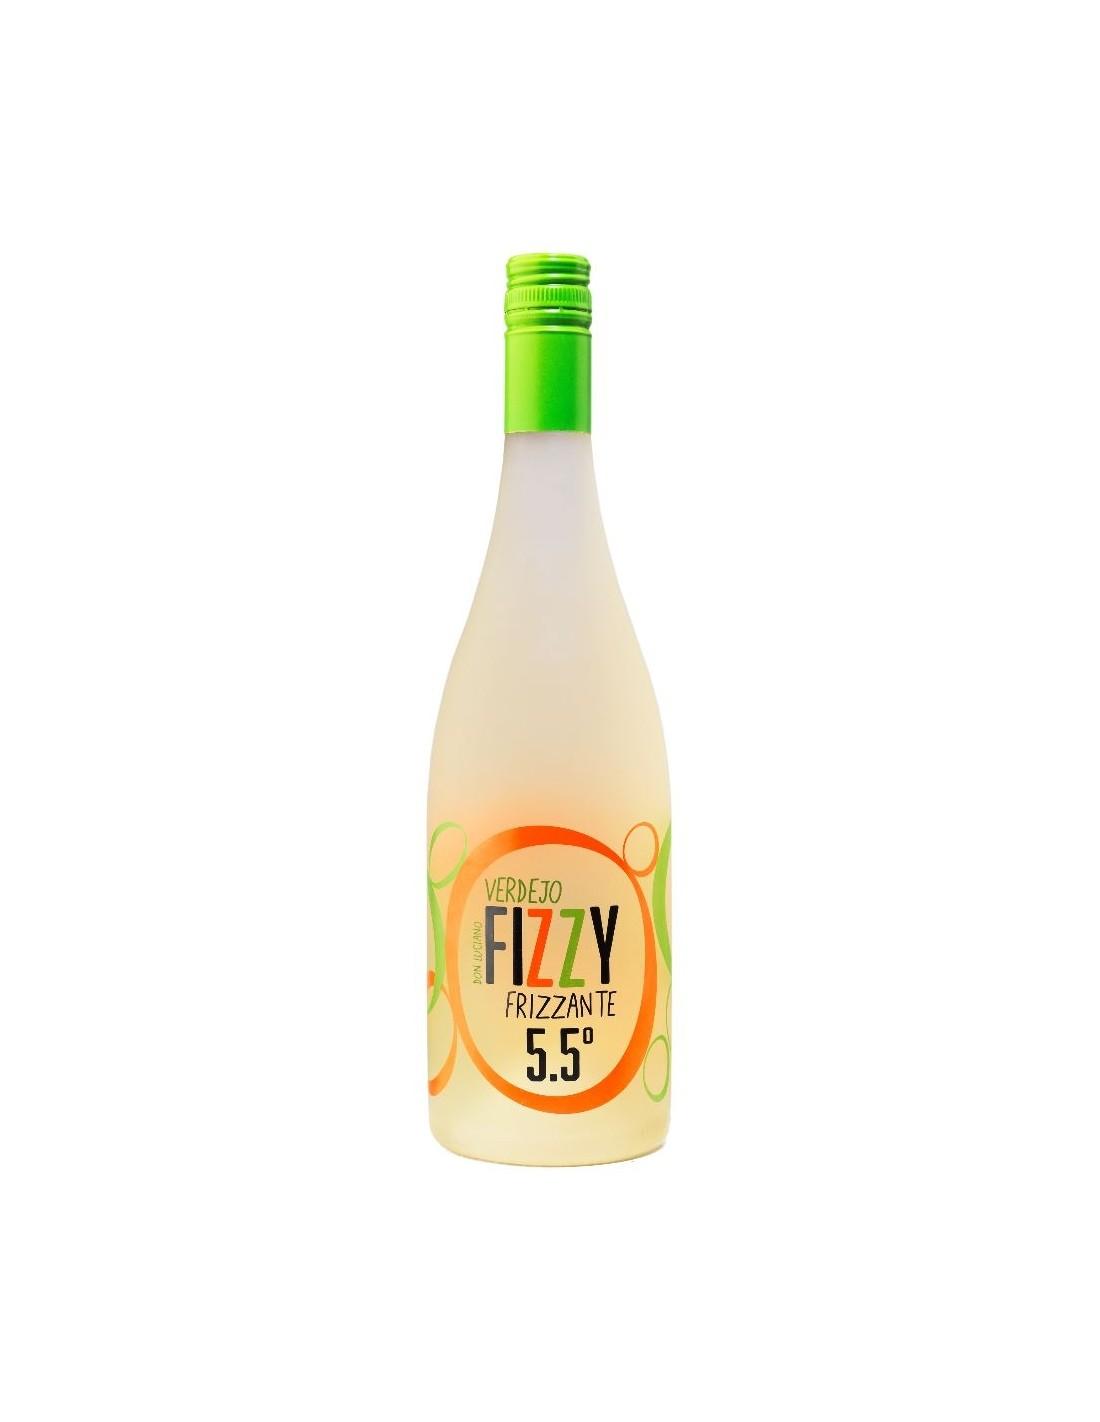 Vin spumos frizzante alb Verdejo, Fizzy Frizzante, 0.75L, 5.50% alc.,